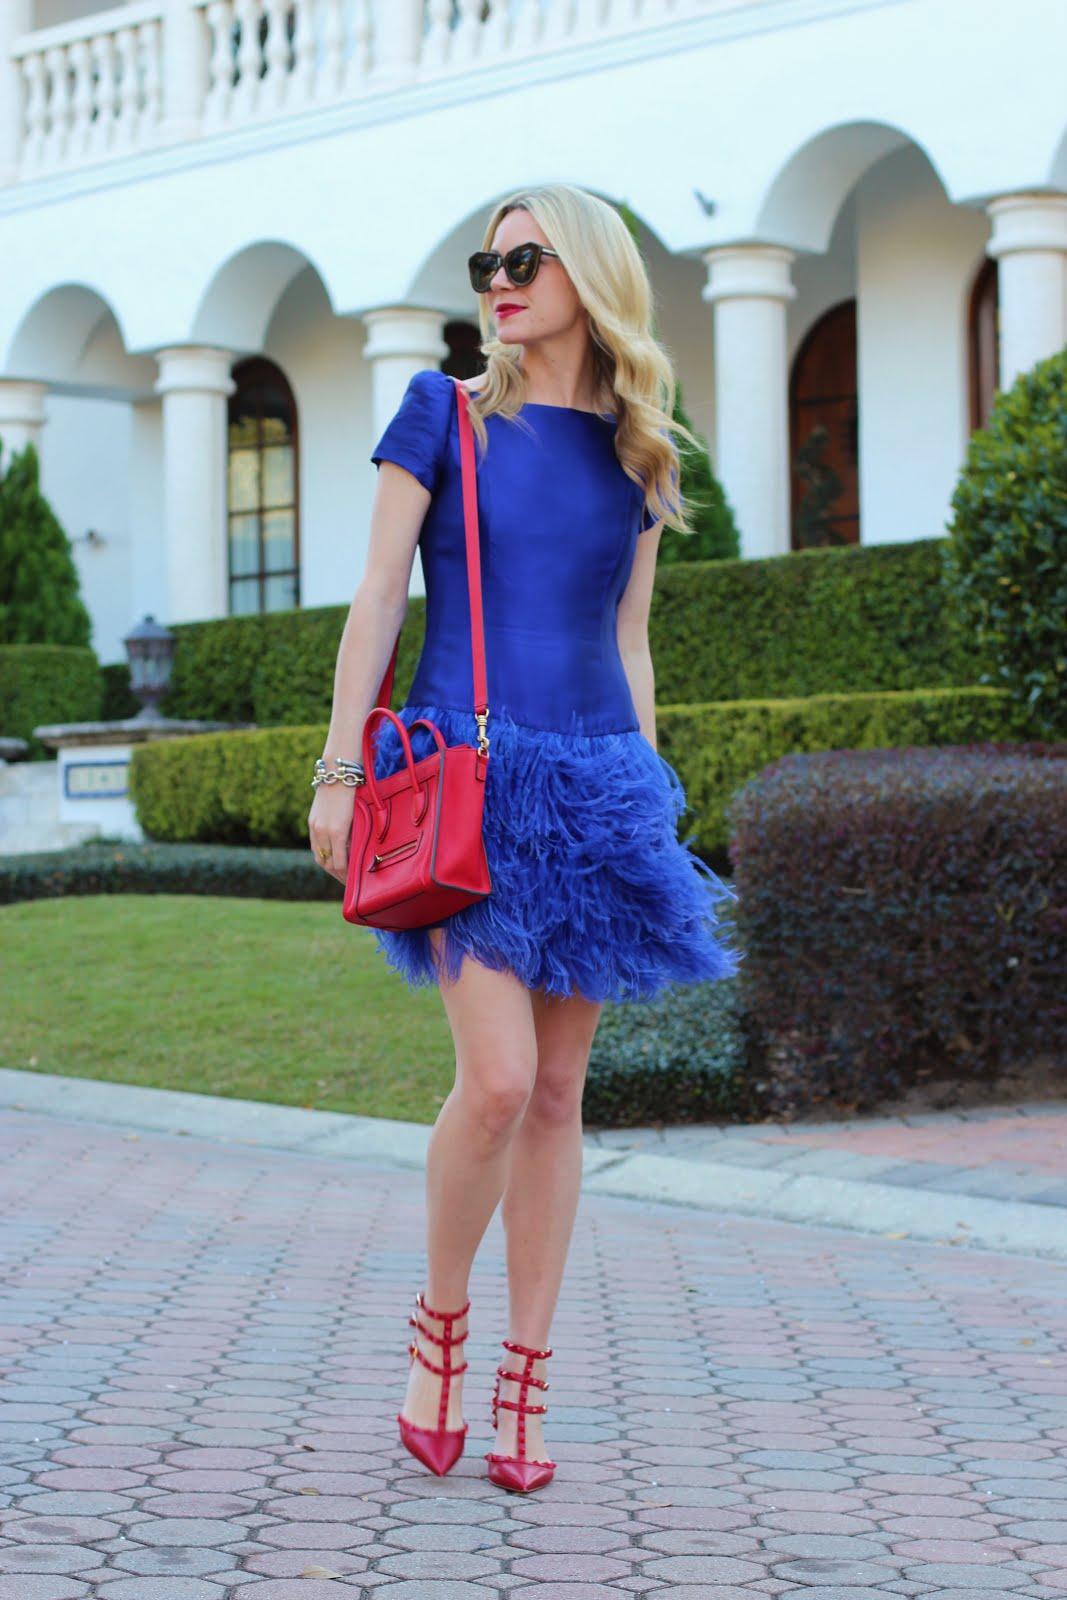 Фото девушек в красных колготках в синем платье 22 фотография